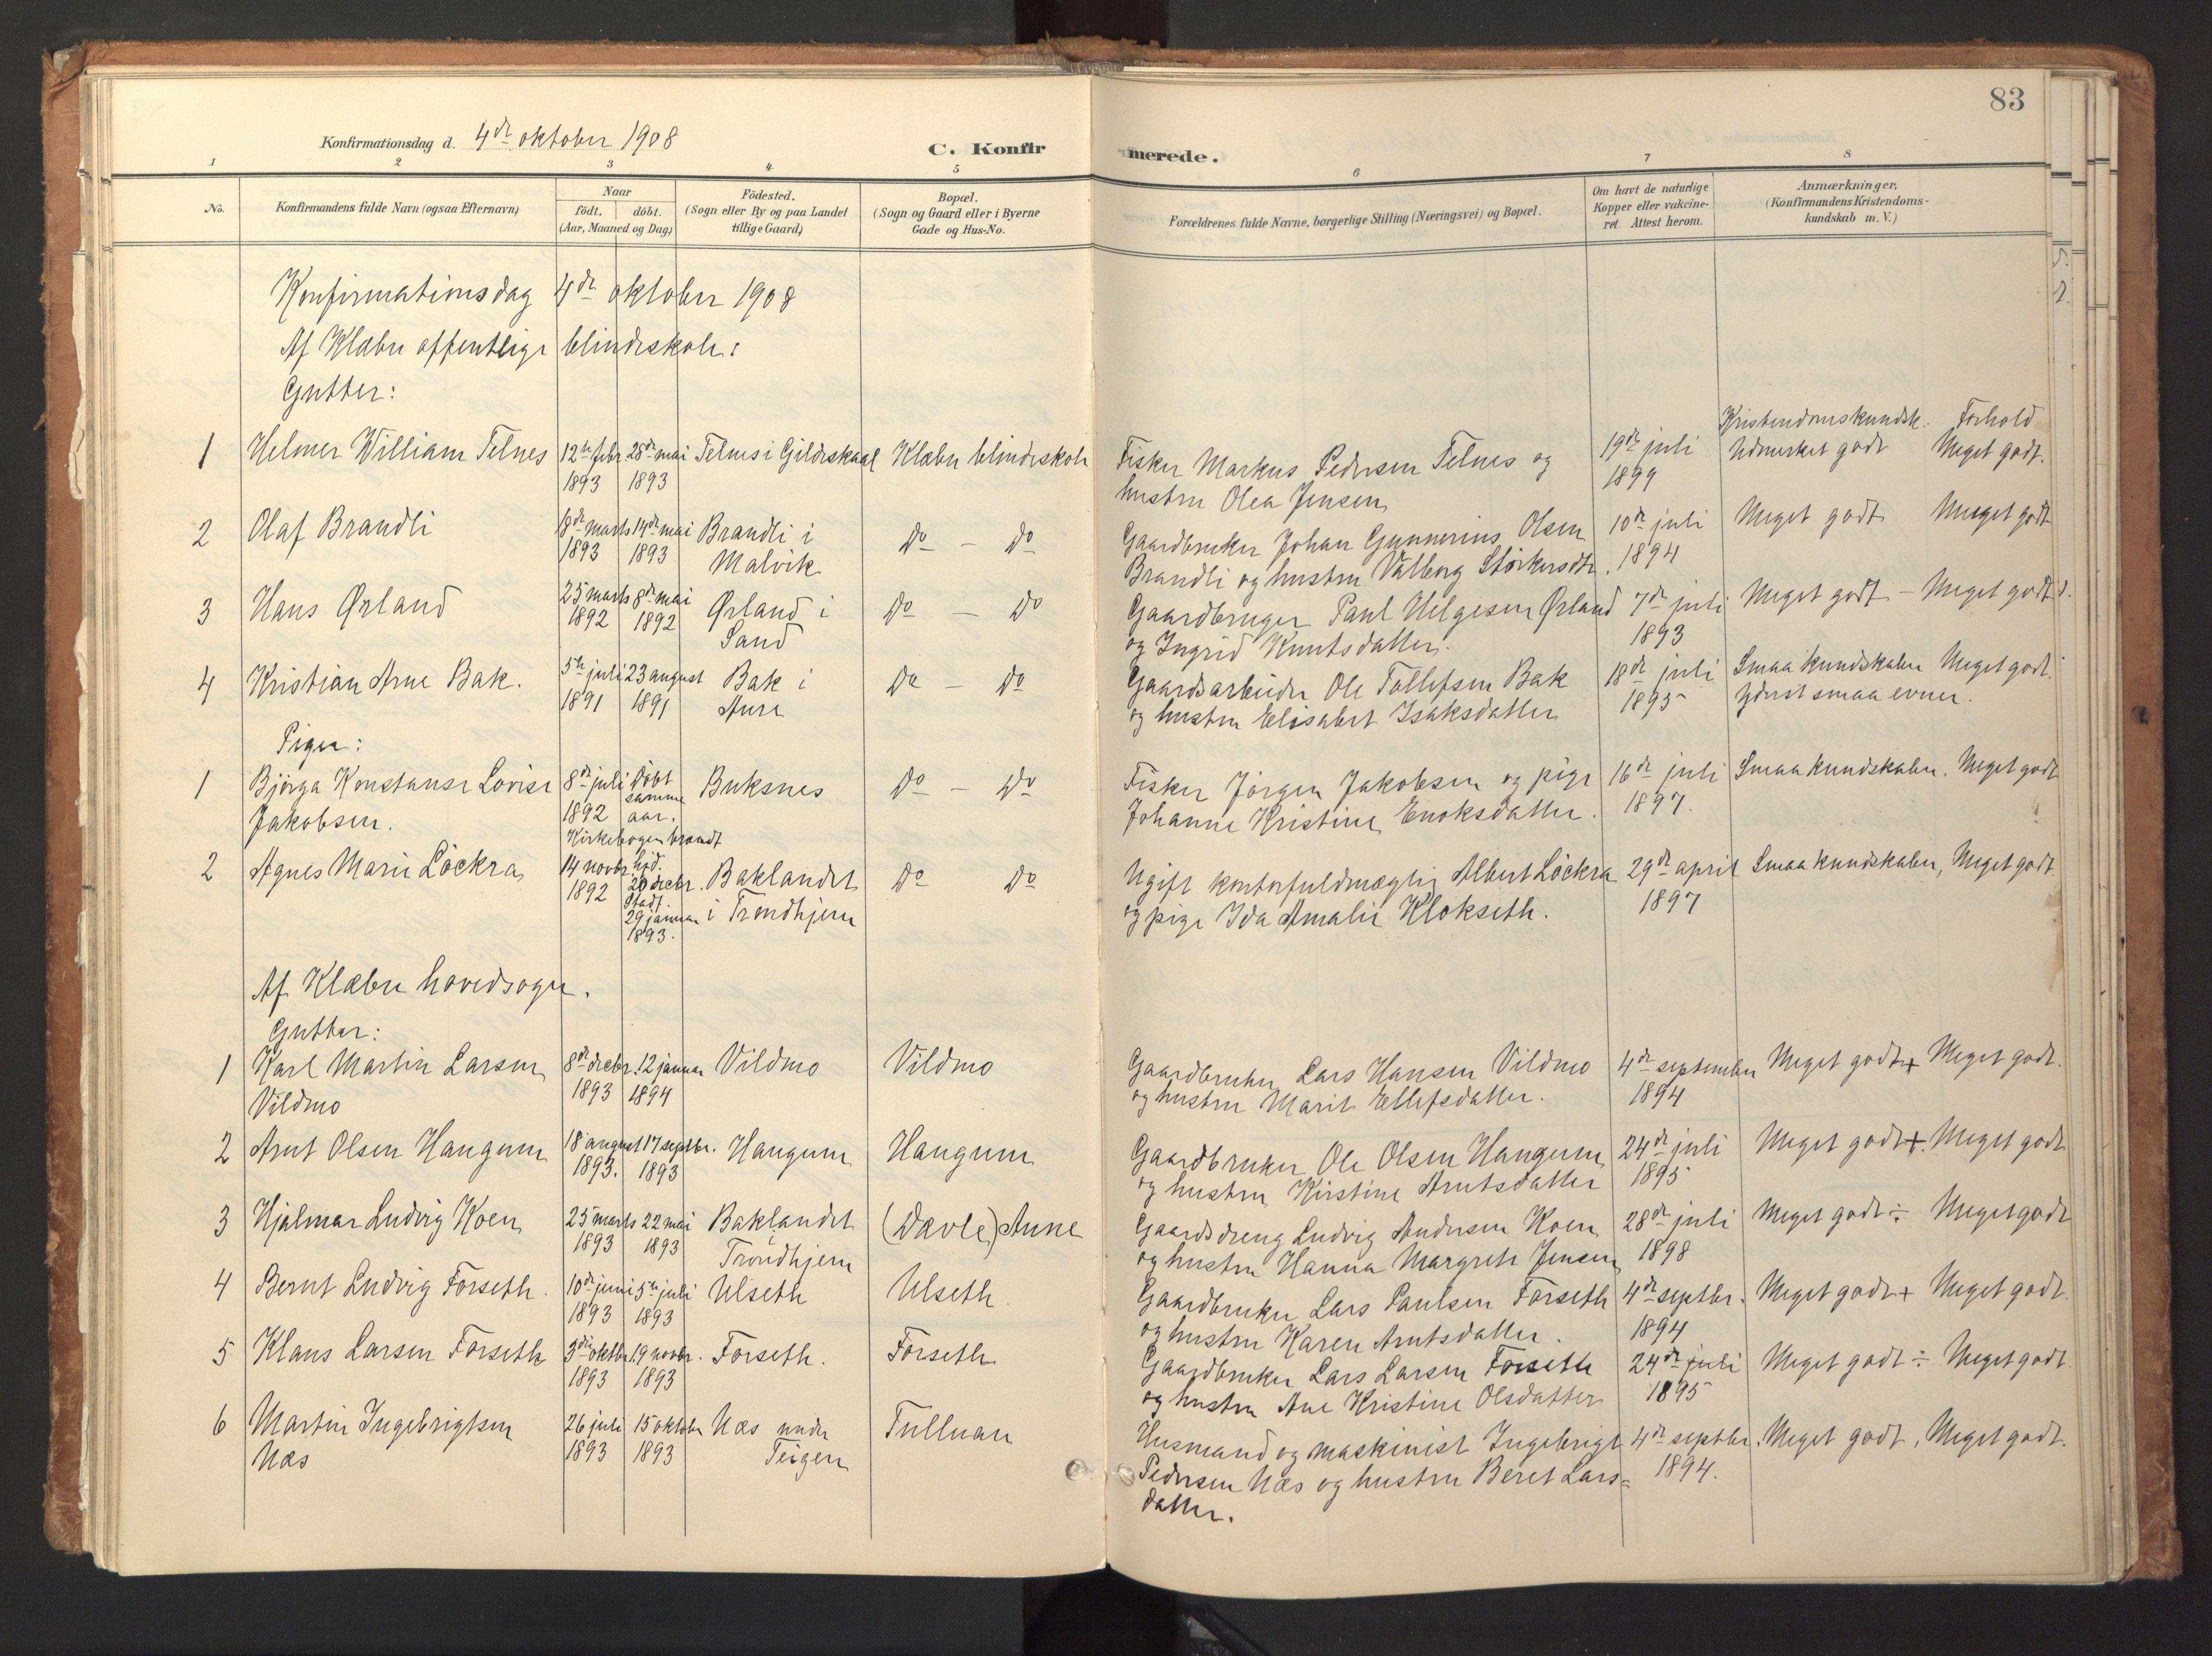 SAT, Ministerialprotokoller, klokkerbøker og fødselsregistre - Sør-Trøndelag, 618/L0448: Ministerialbok nr. 618A11, 1898-1916, s. 83